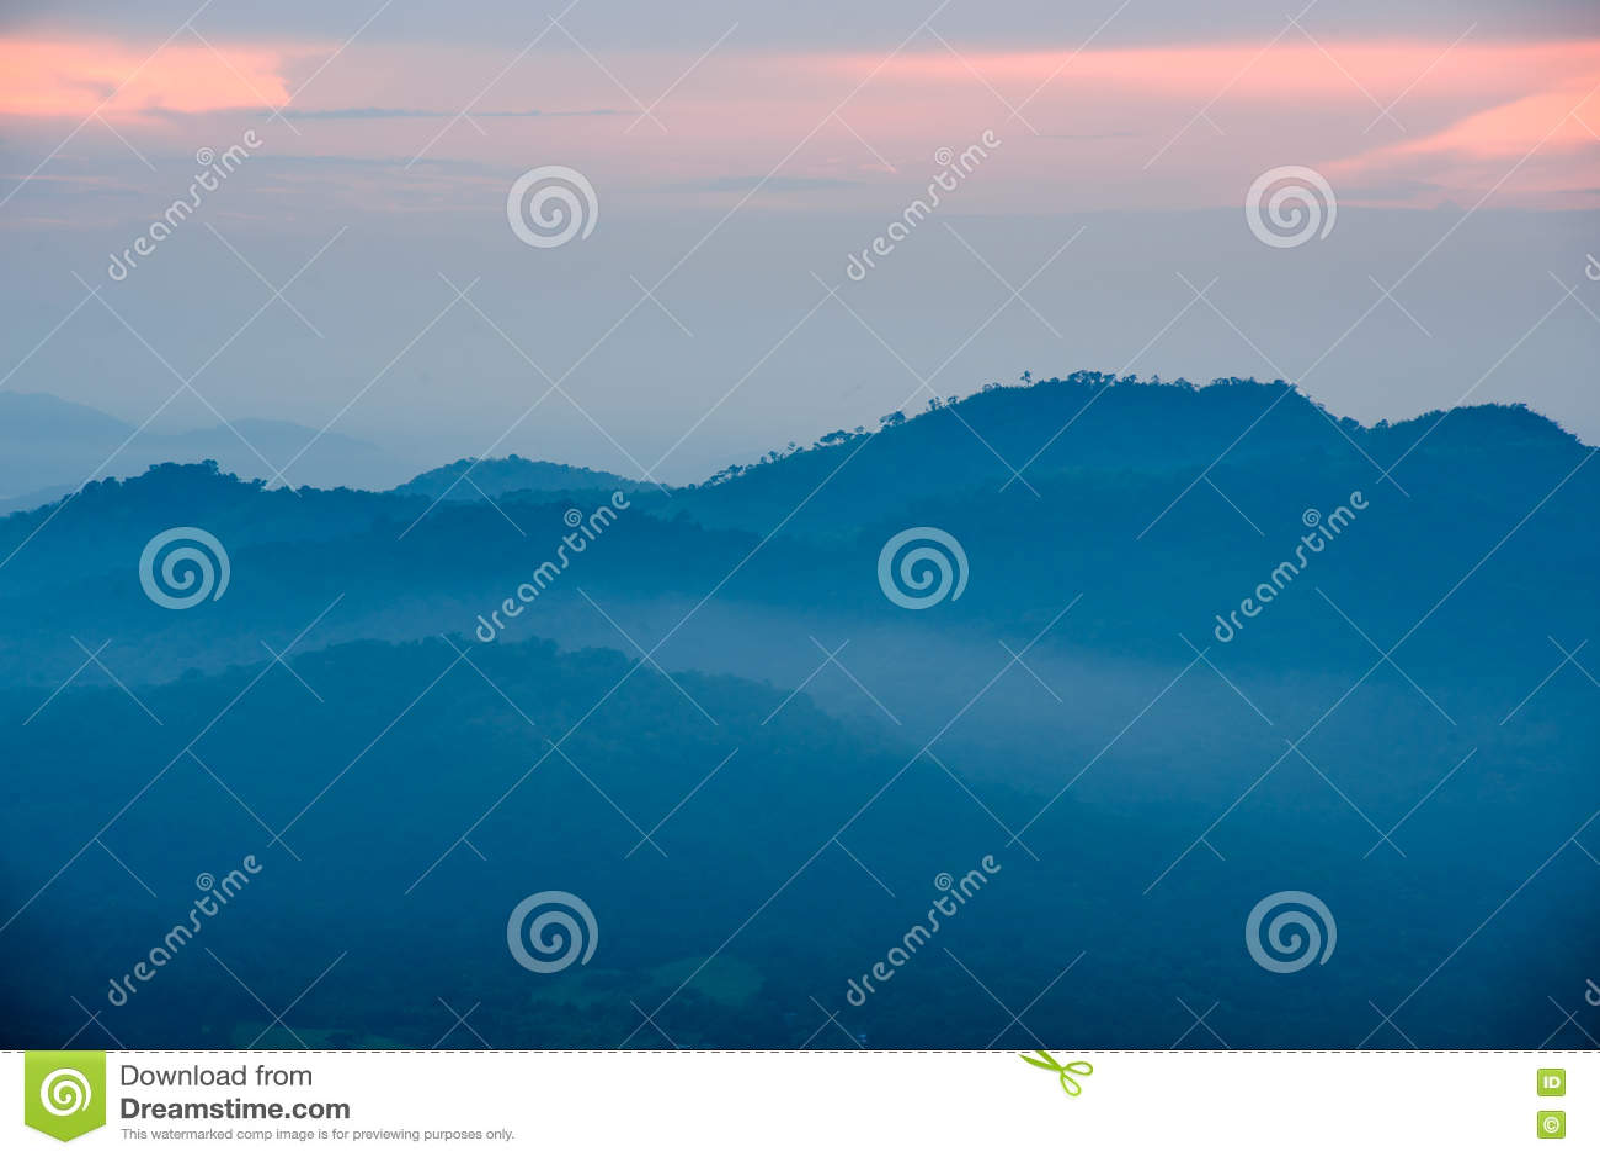 Luz de la puesta del sol con el fondo de las montañas